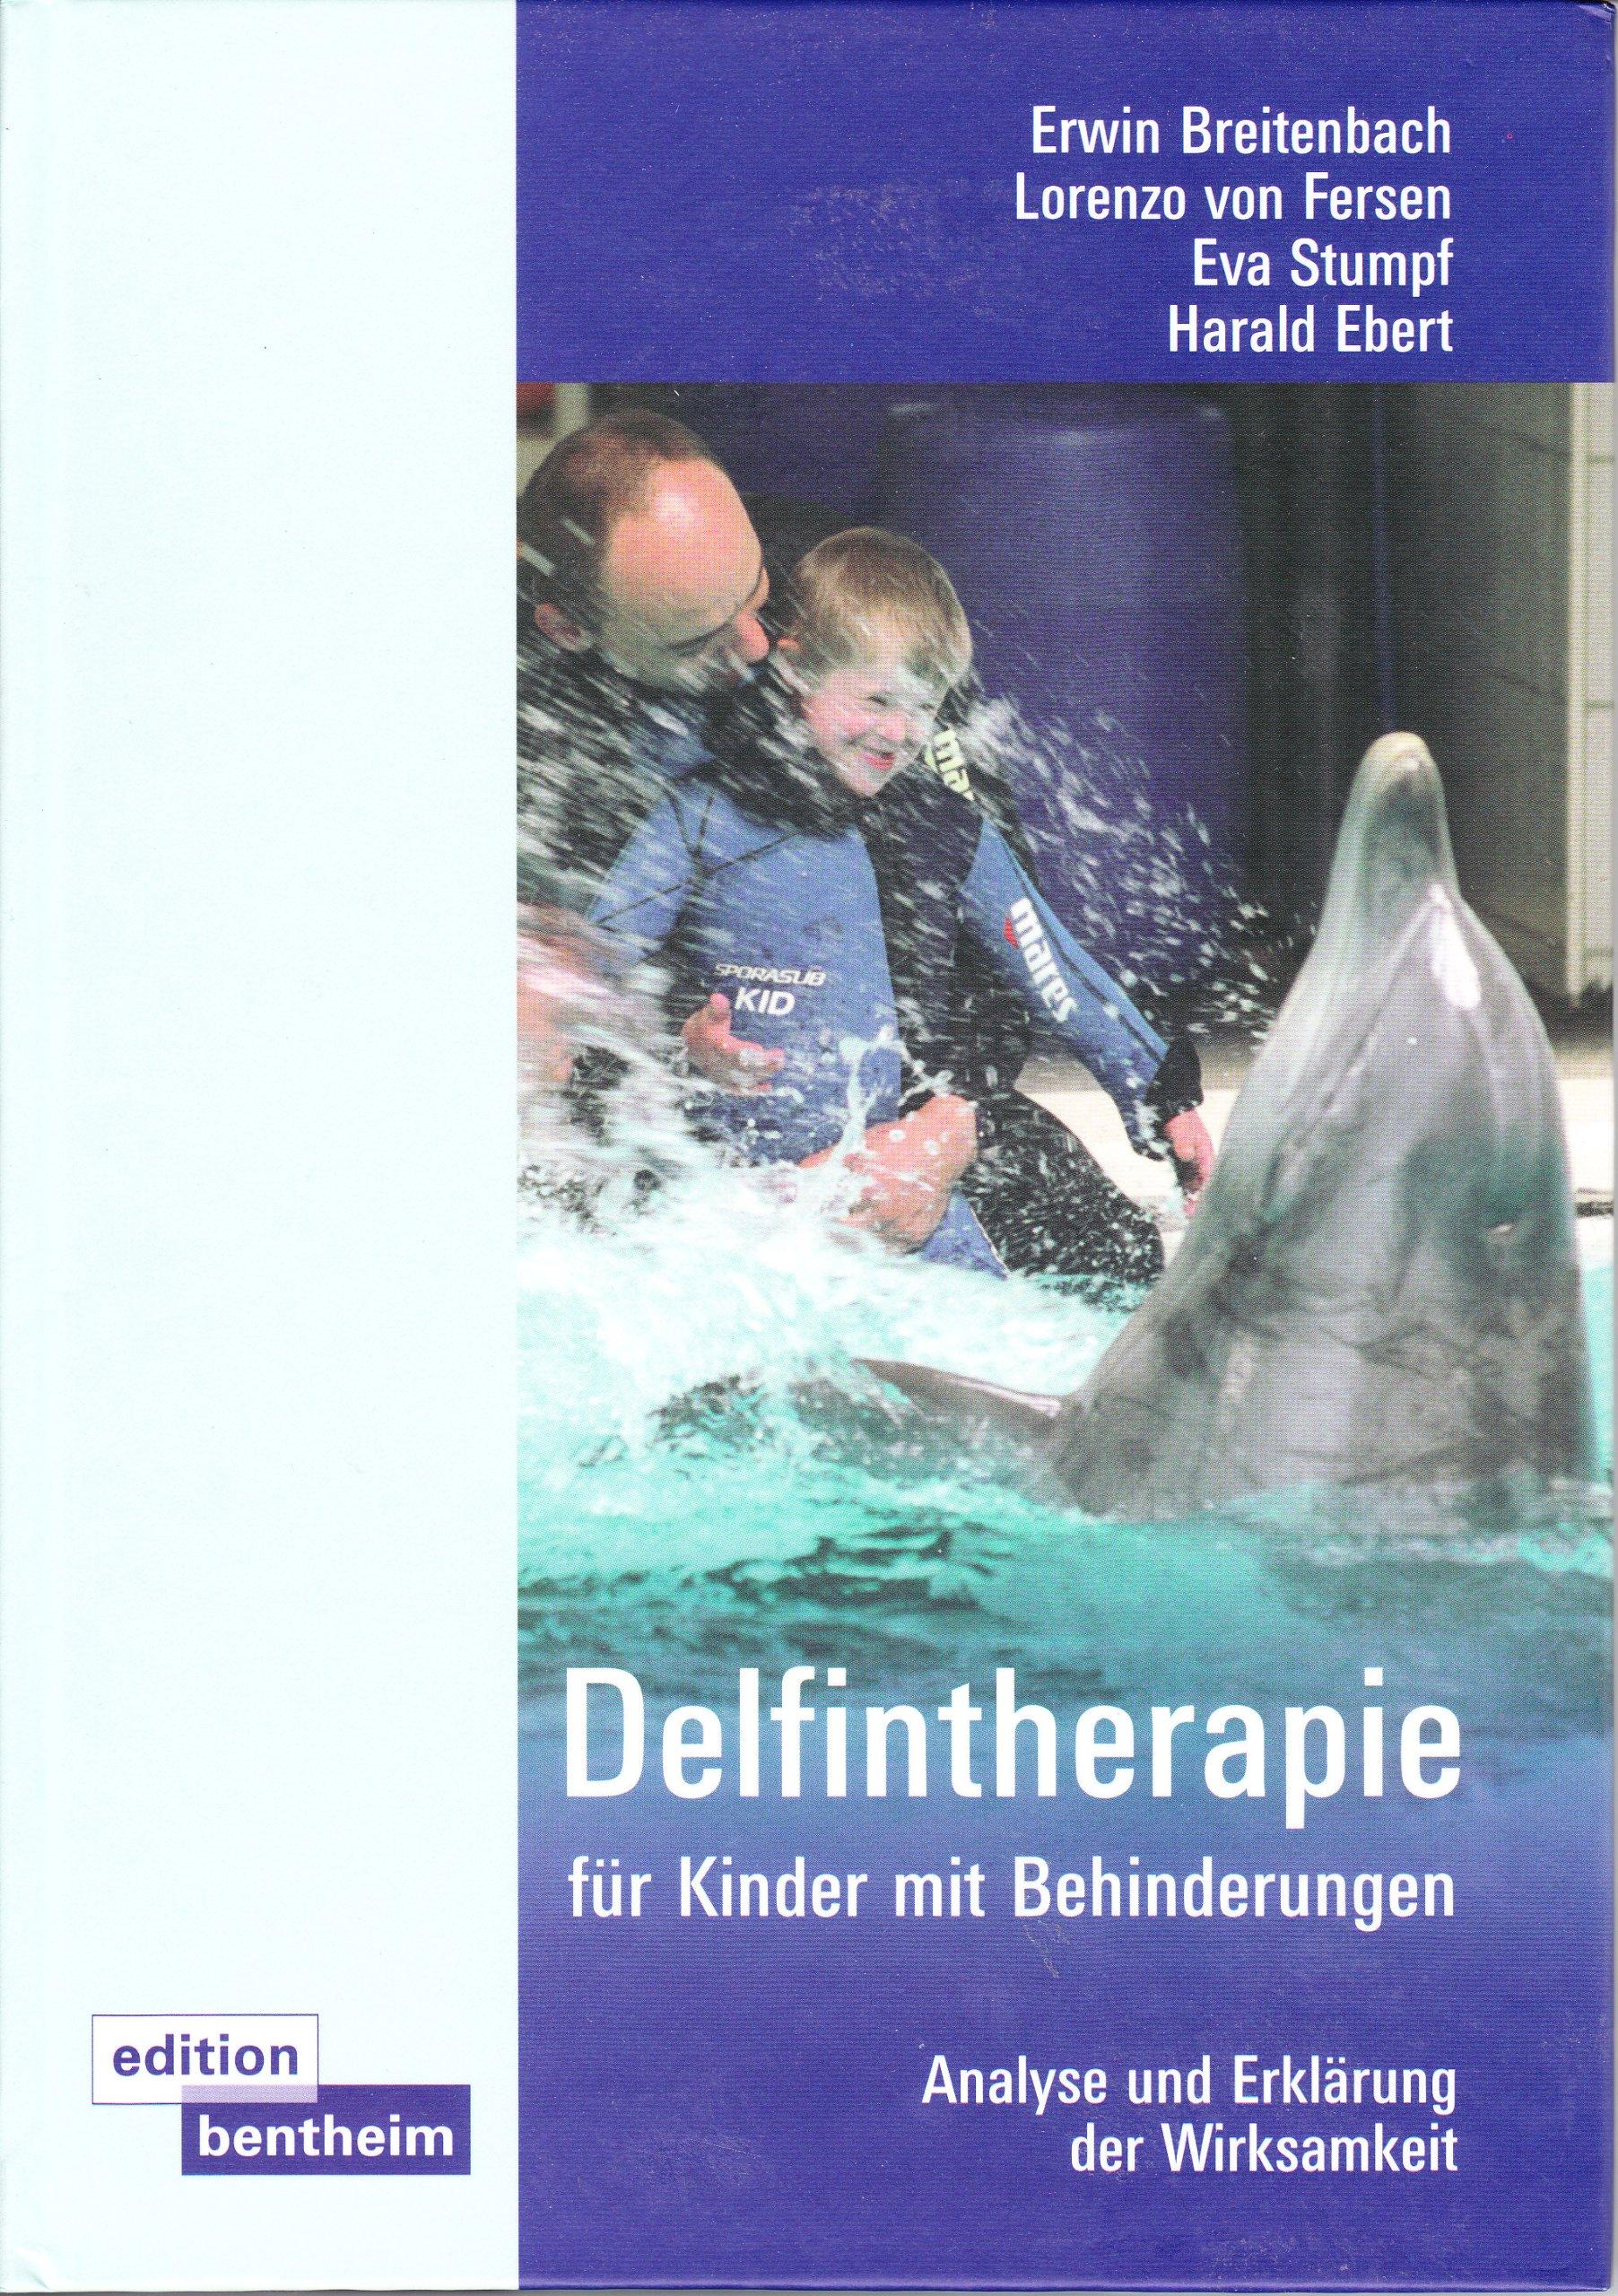 Delfintherapie für Kinder mit Behinderungen: Analyse und Erklärung ...